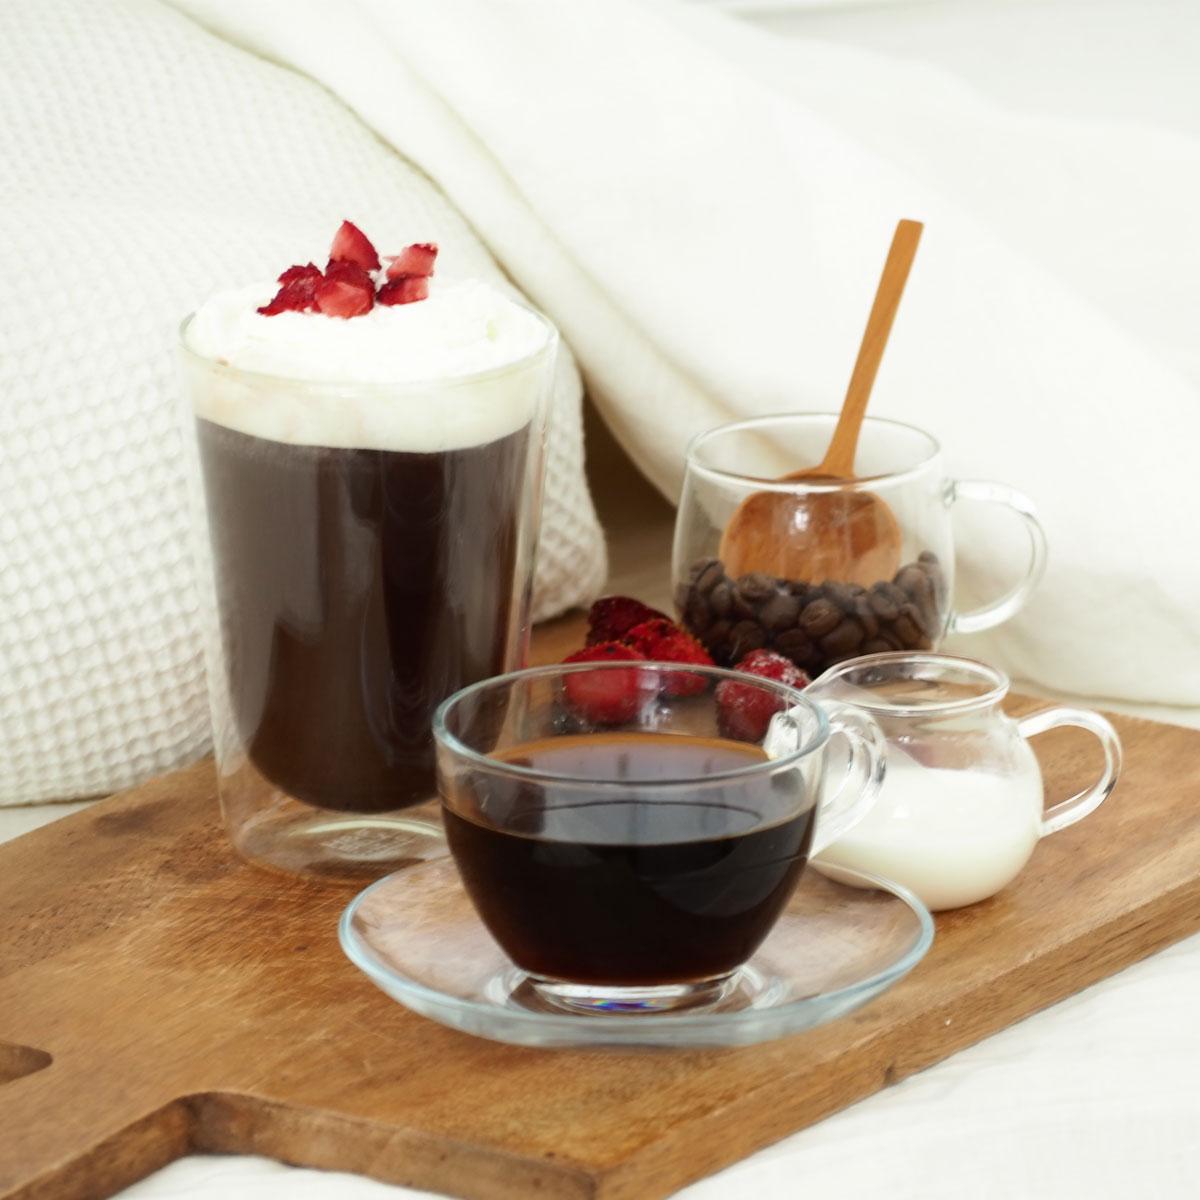 カフェインレスデカフェコーヒー人気の理由